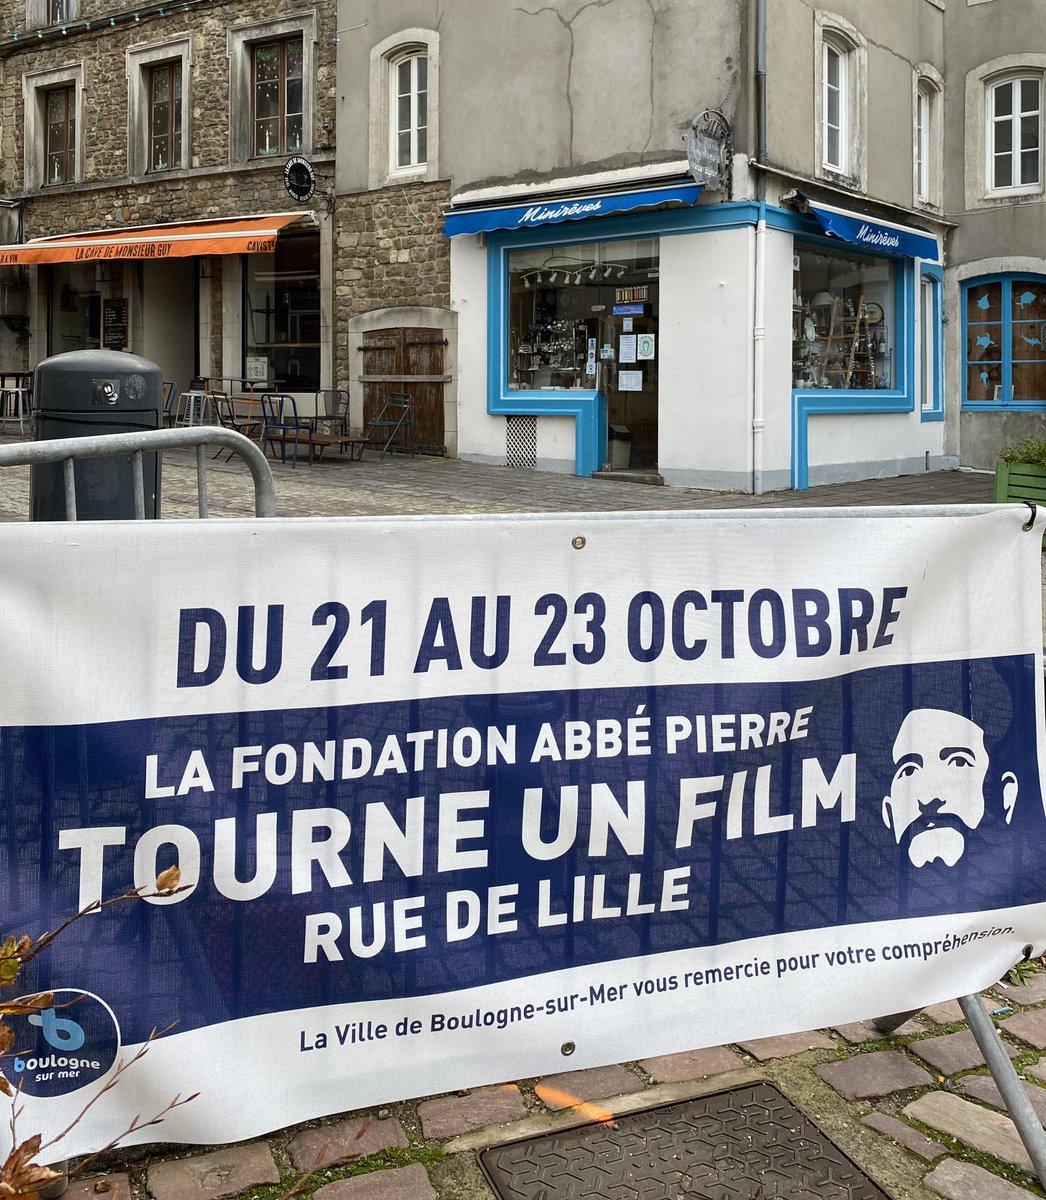 Un grand merci aux boulonnaises et aux boulonnais ainsi qu'à la @Ville_Boulogne pour l'accueil chaleureux réservé à la Fondation @Abbe_Pierre !